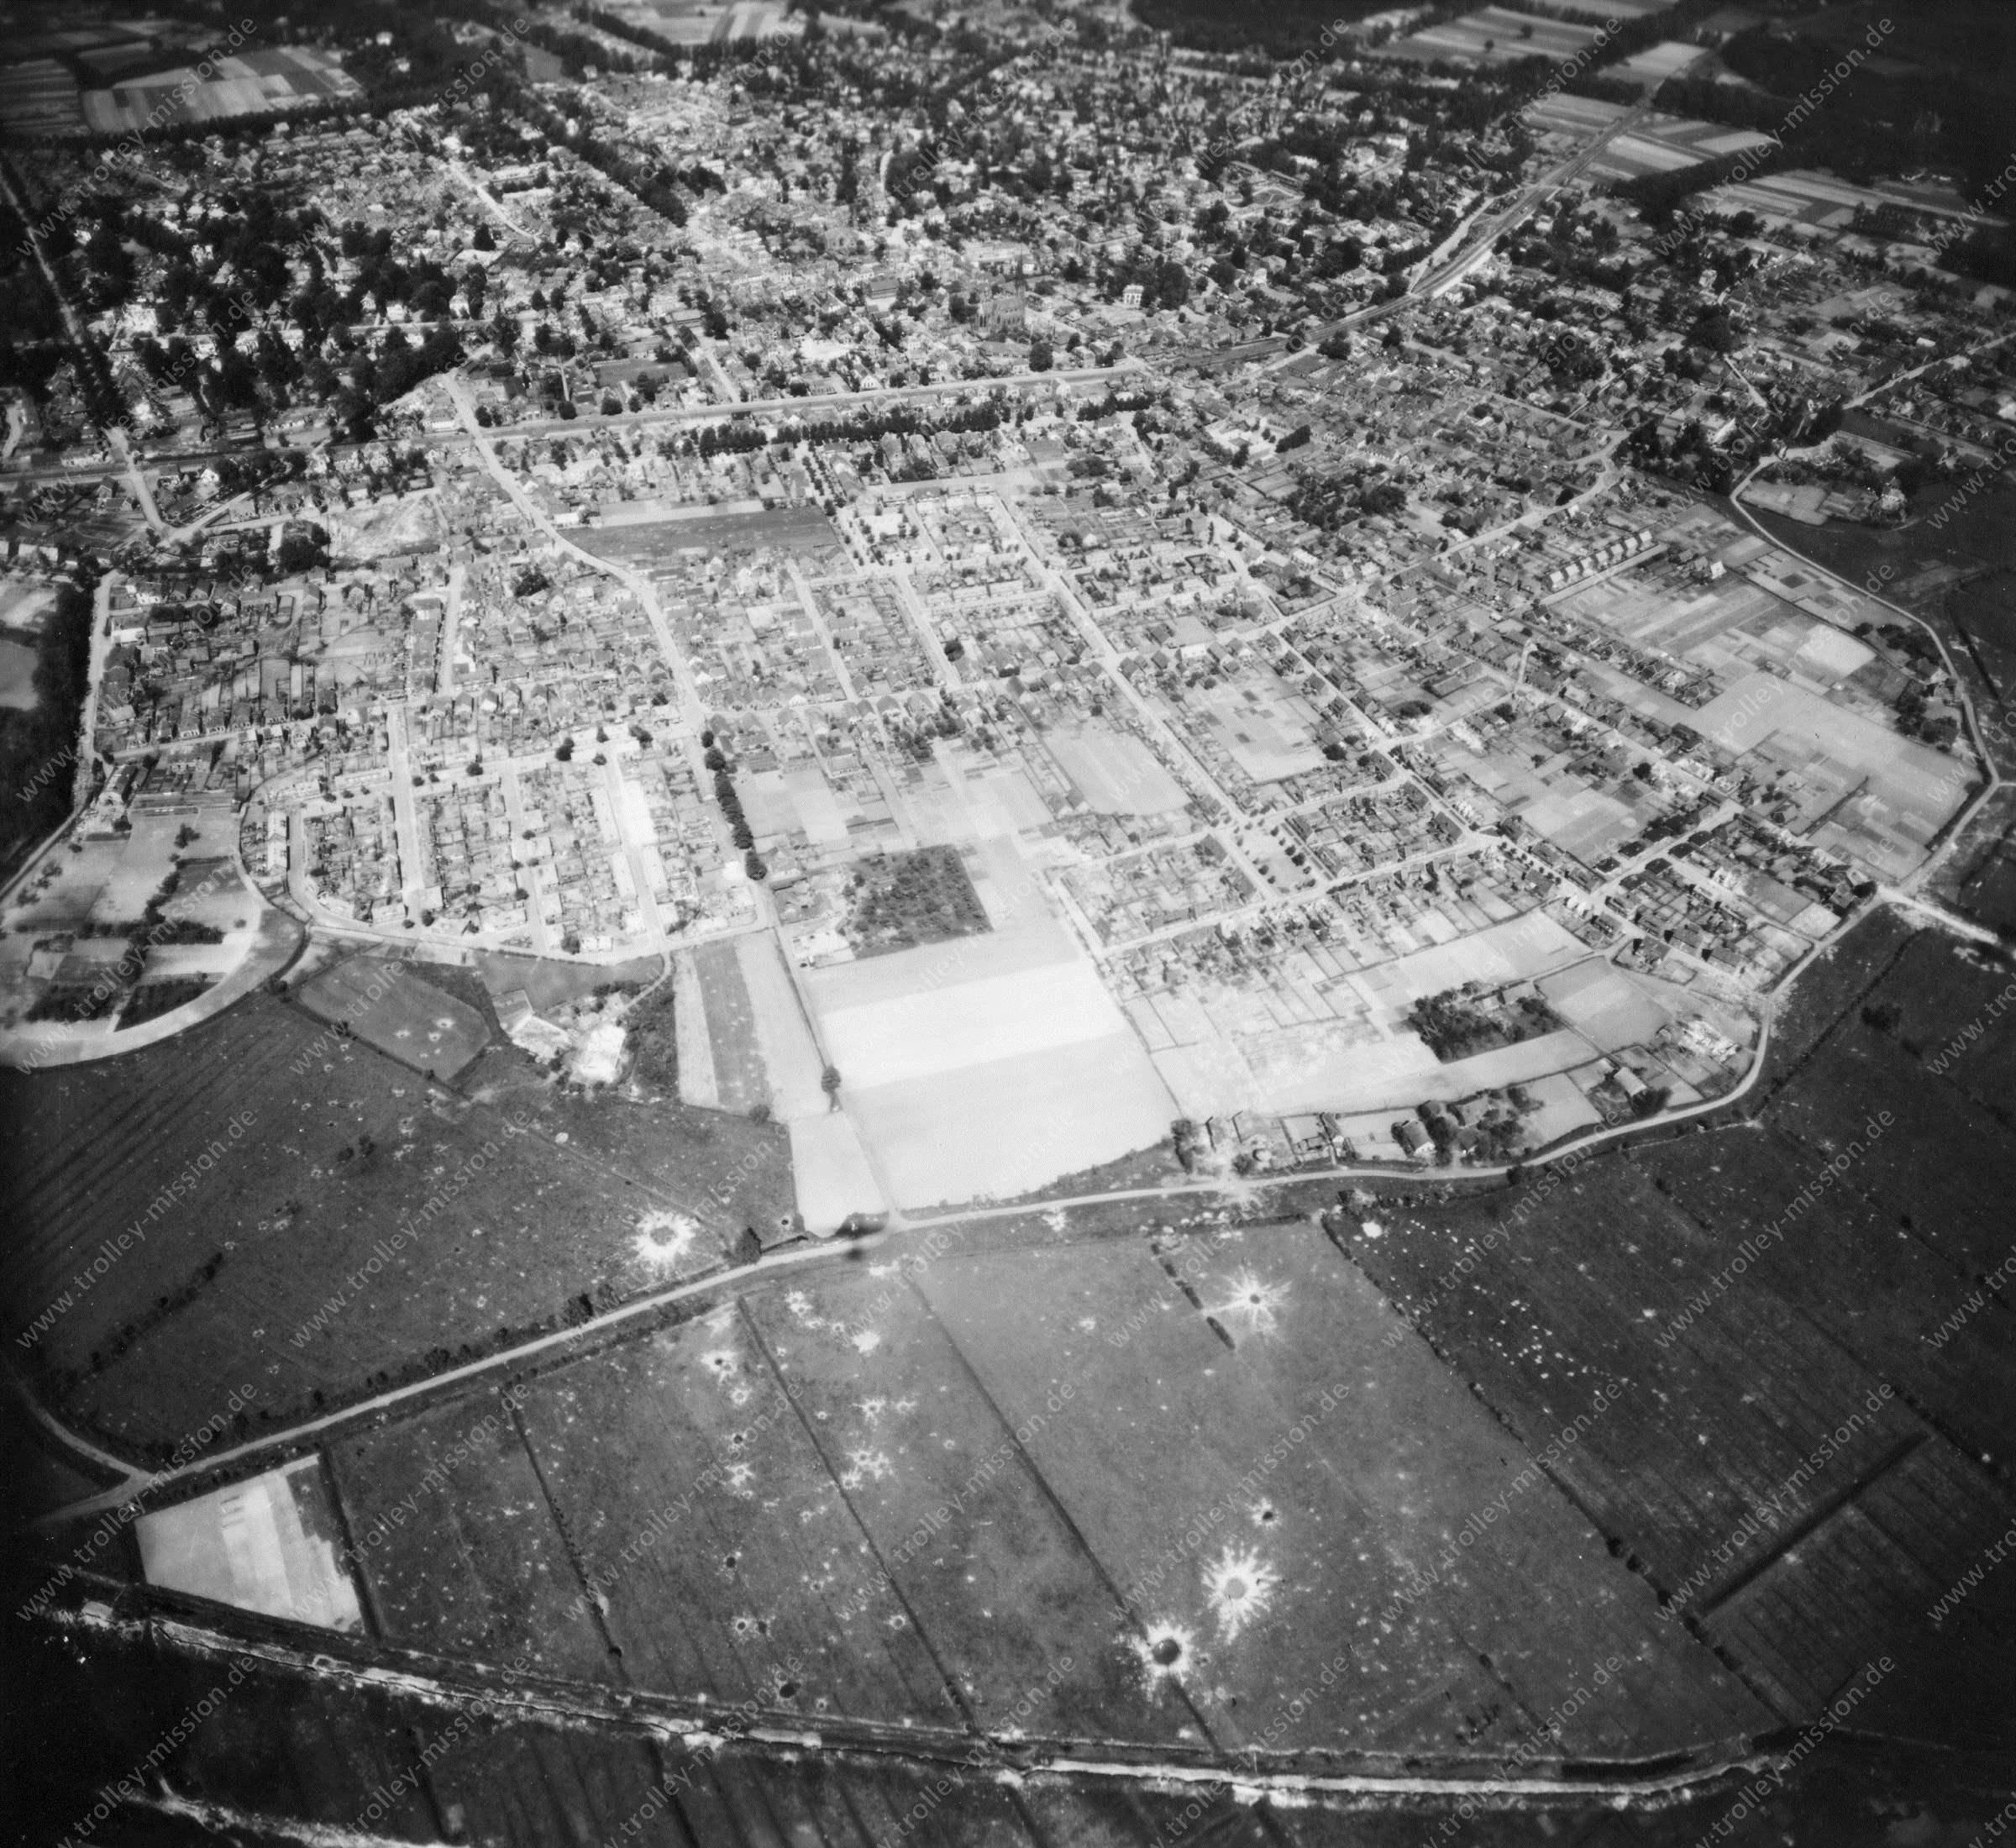 Velp - Luftbild aus dem Weltkrieg - Luftbildserie 1/5 der US Luftwaffe (Niederlande)